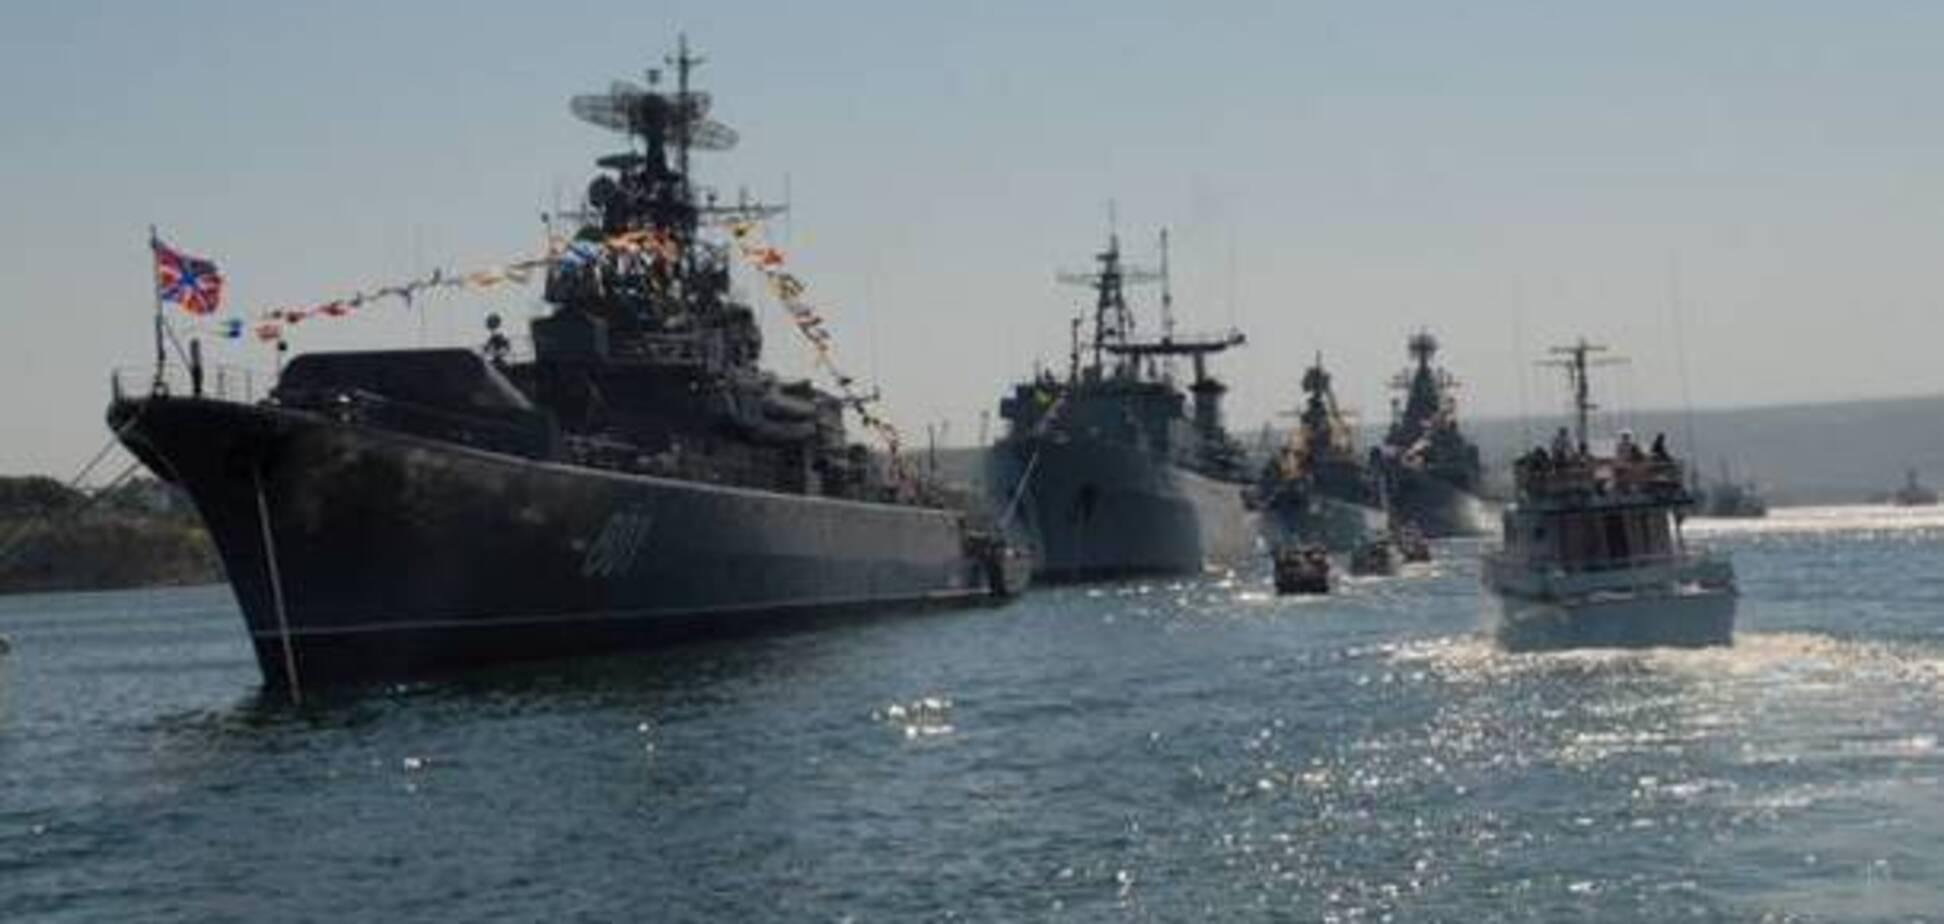 Бунти і флотилія 'ДНР': як Росія атакуватиме український Азов